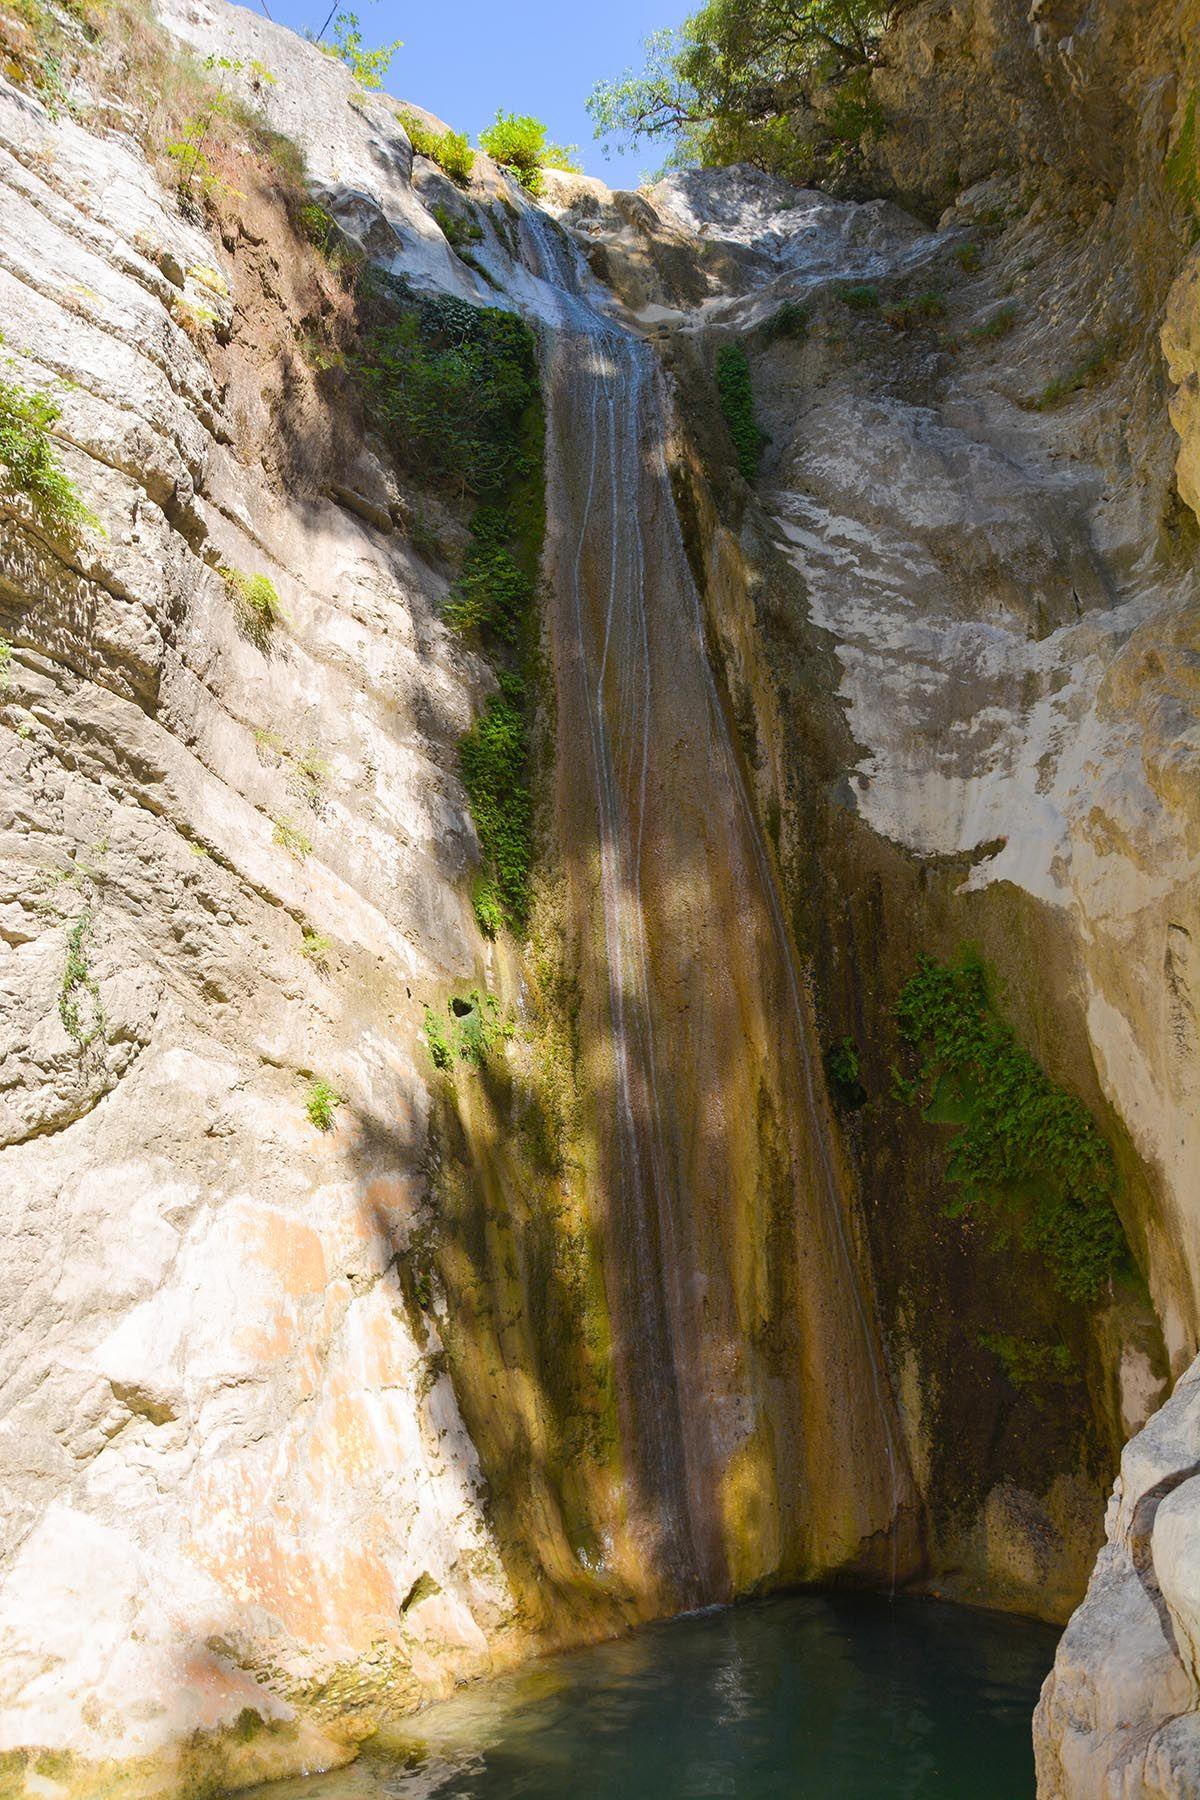 foto Dimosari watervallen - Kataraktis bij Nidri Lefkas - Foto 2 - De Griekse Gids